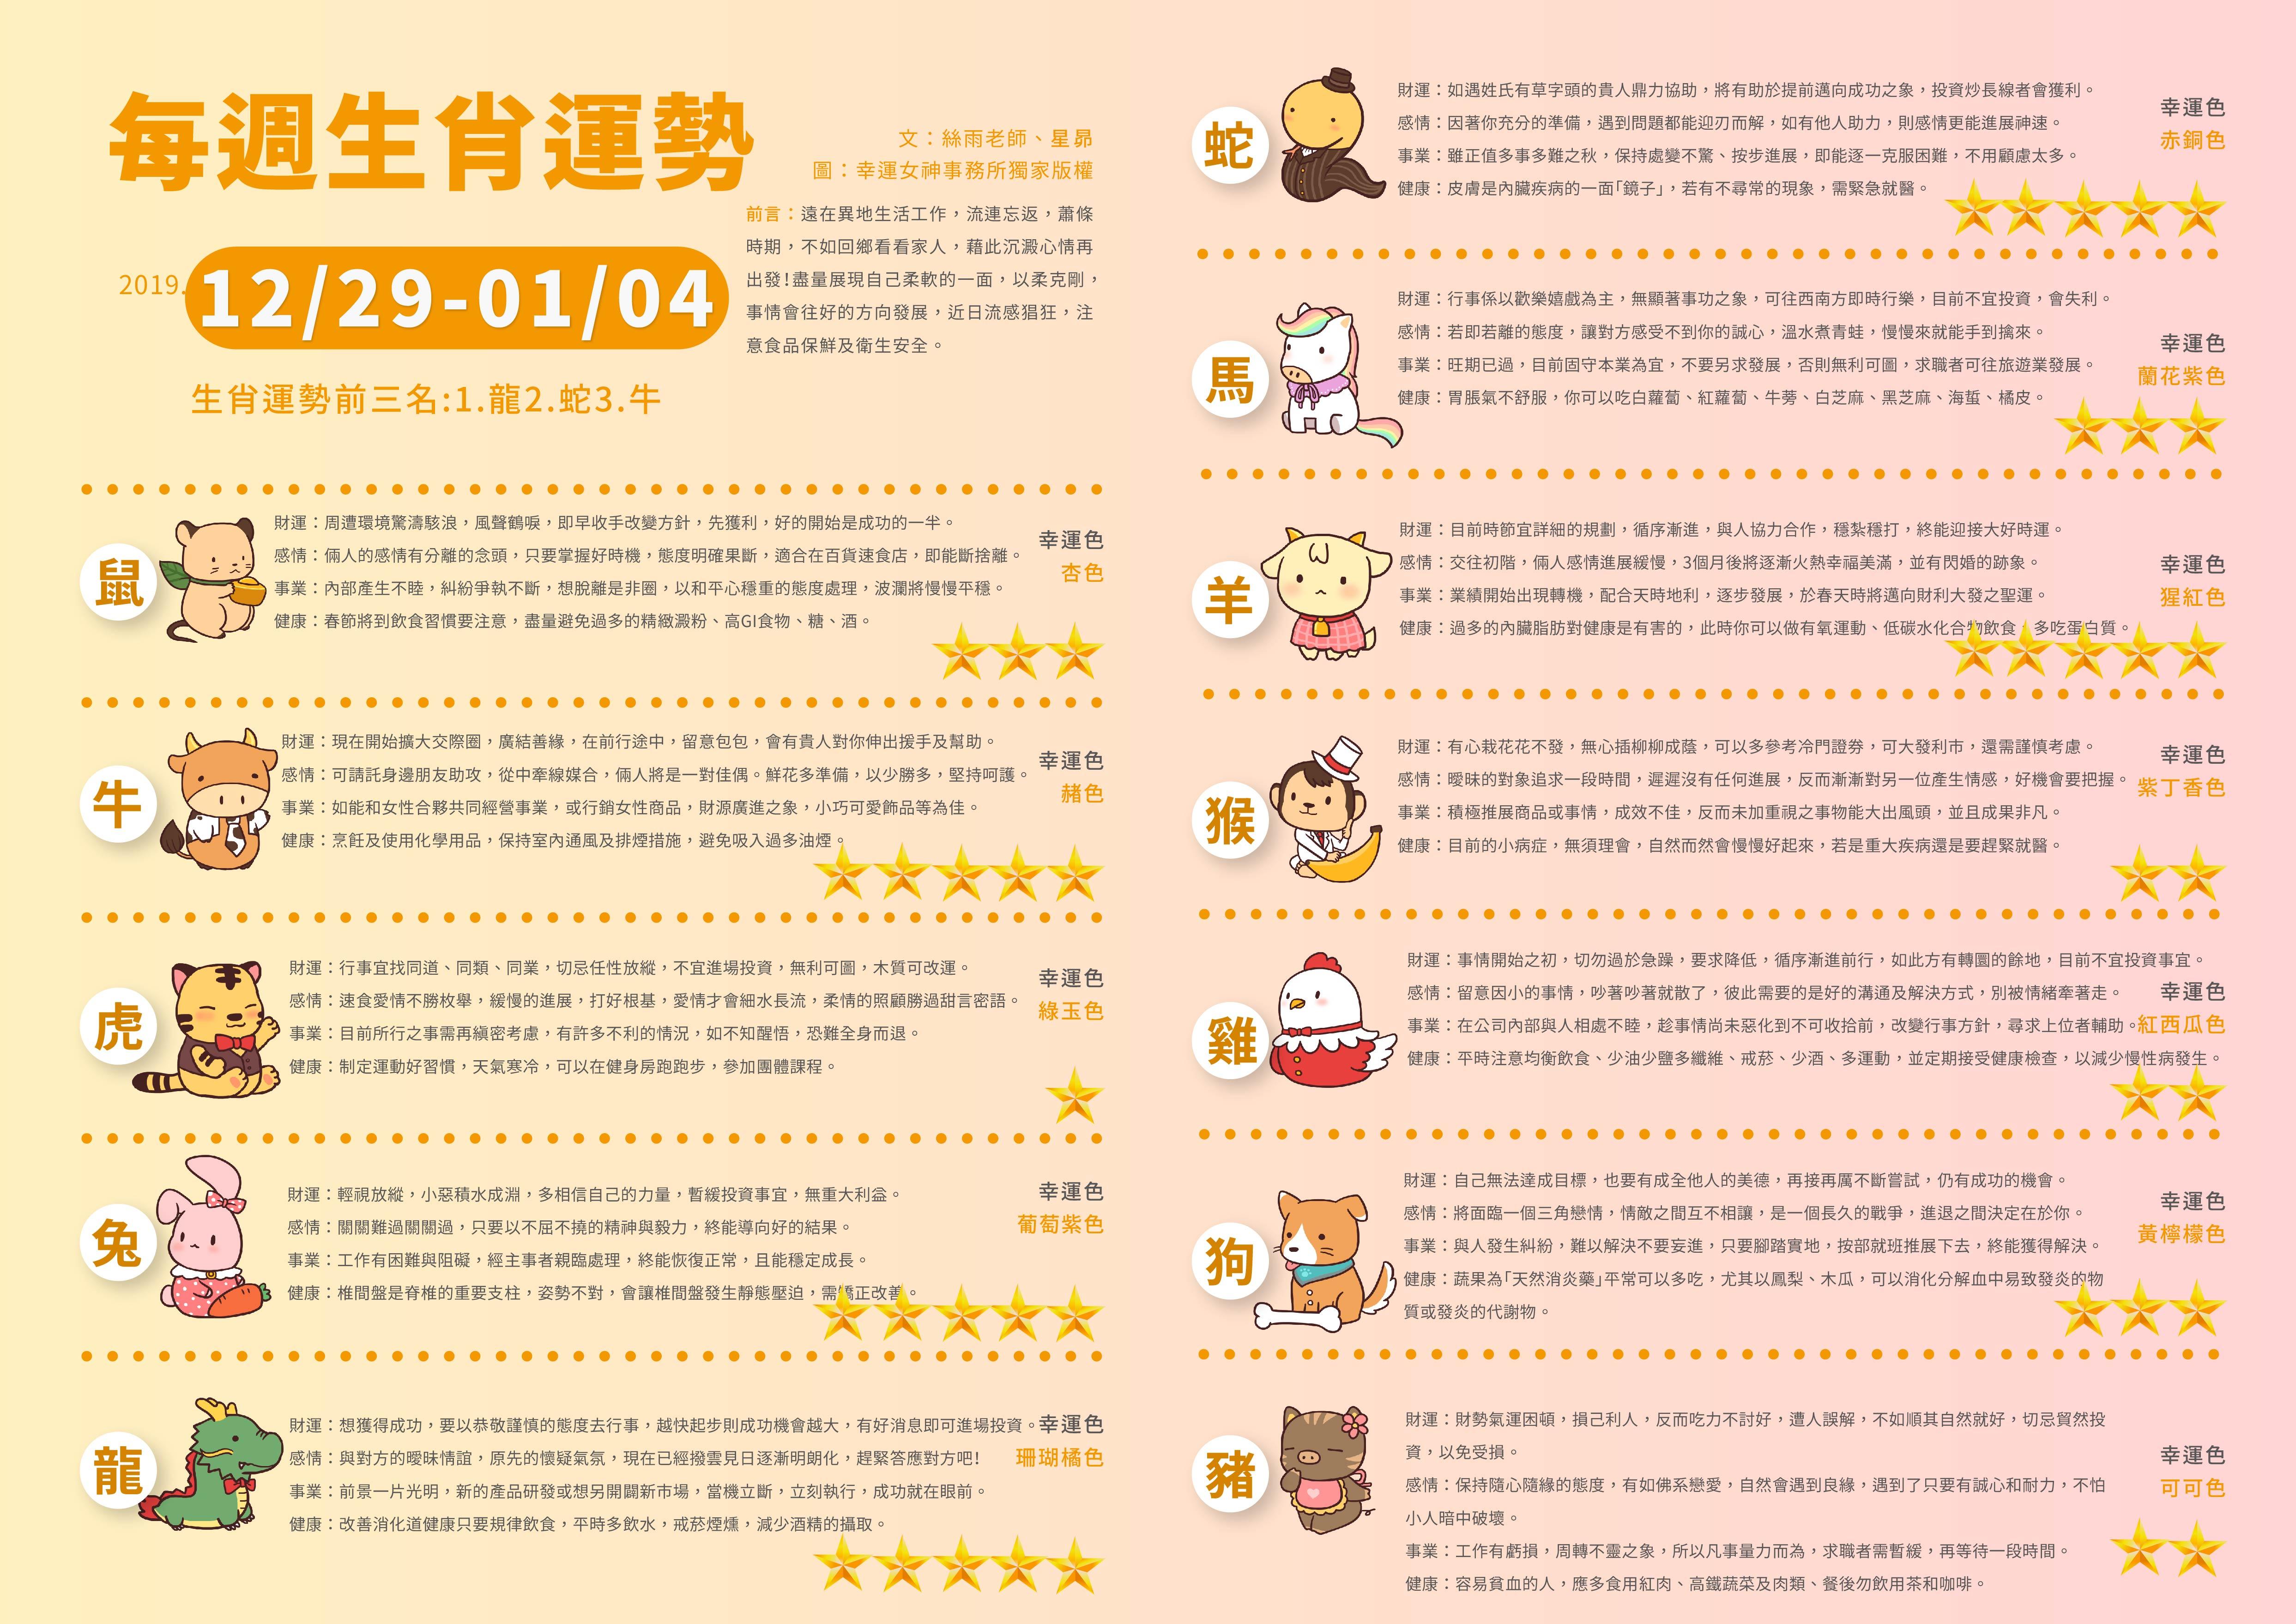 【絲雨老師每週生肖運勢】108/12/29-109/01/04 – 幸運女神事務所